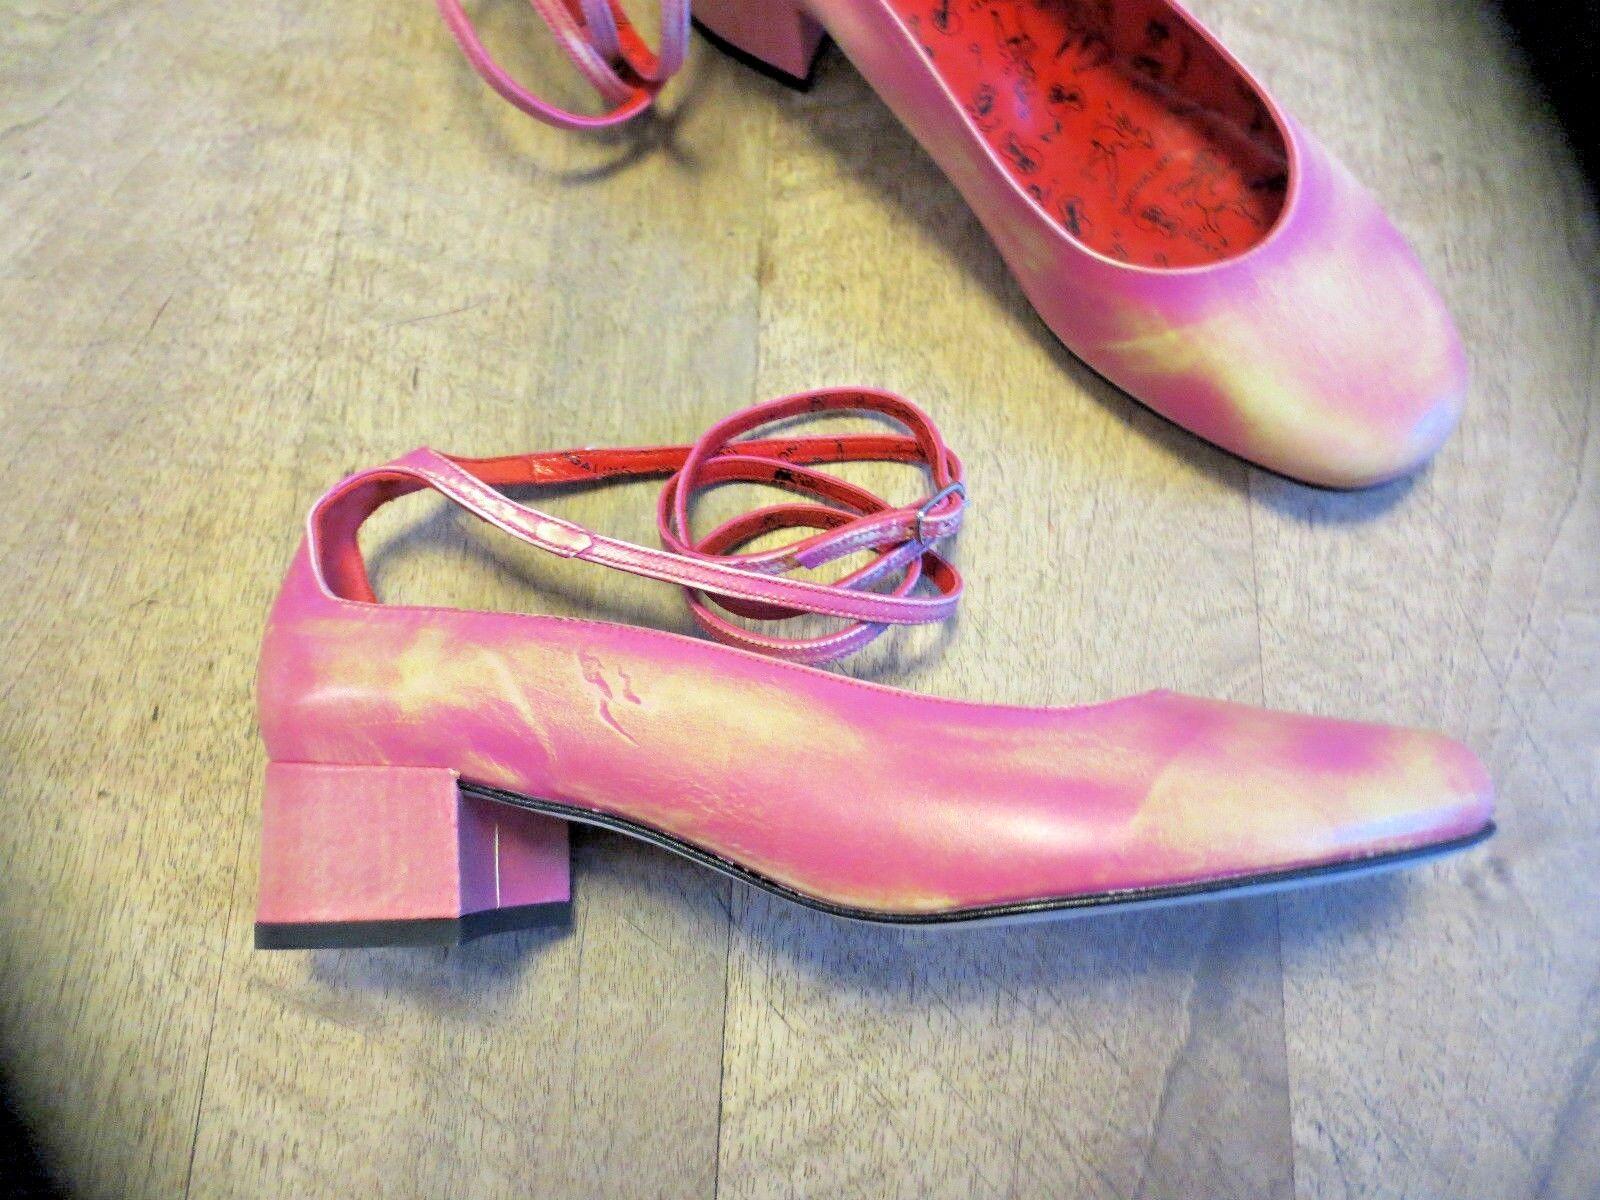 Zapatos de mujer baratos zapatos de mujer Descuento por tiempo limitado FREE LANCE ballerine cuir demasqué fuchia NEUVE Pointures 36.5,38.5